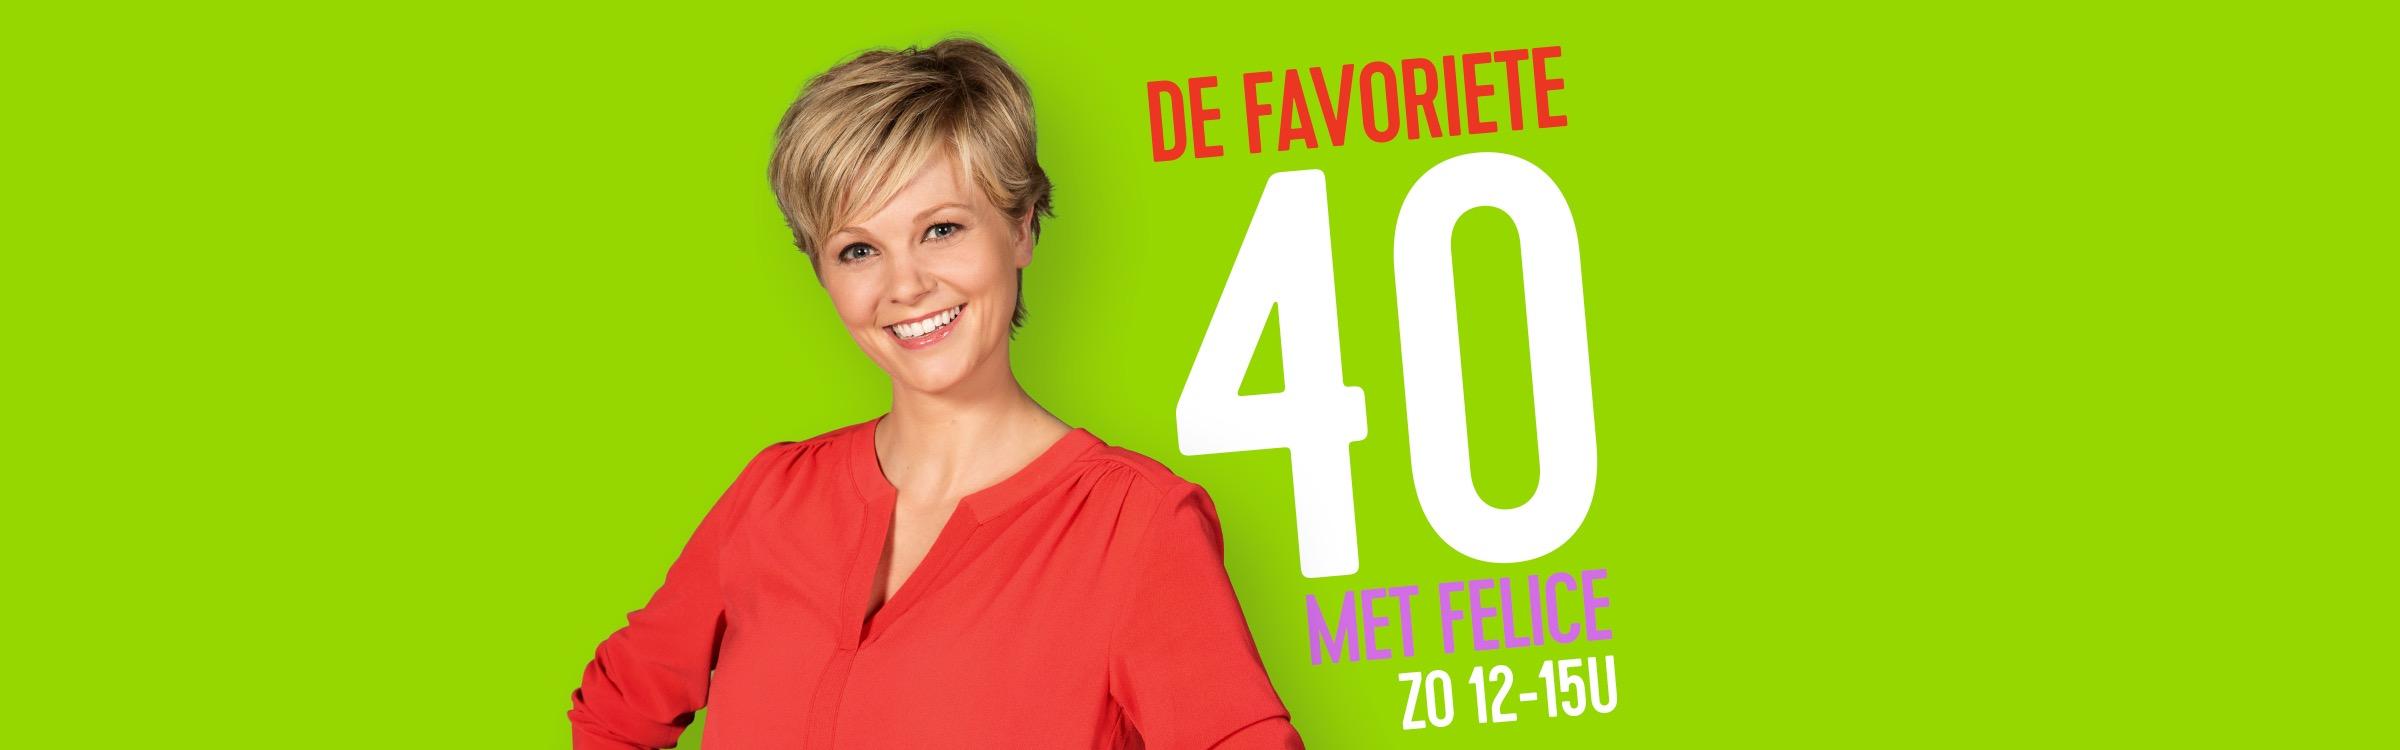 Favoriete 40